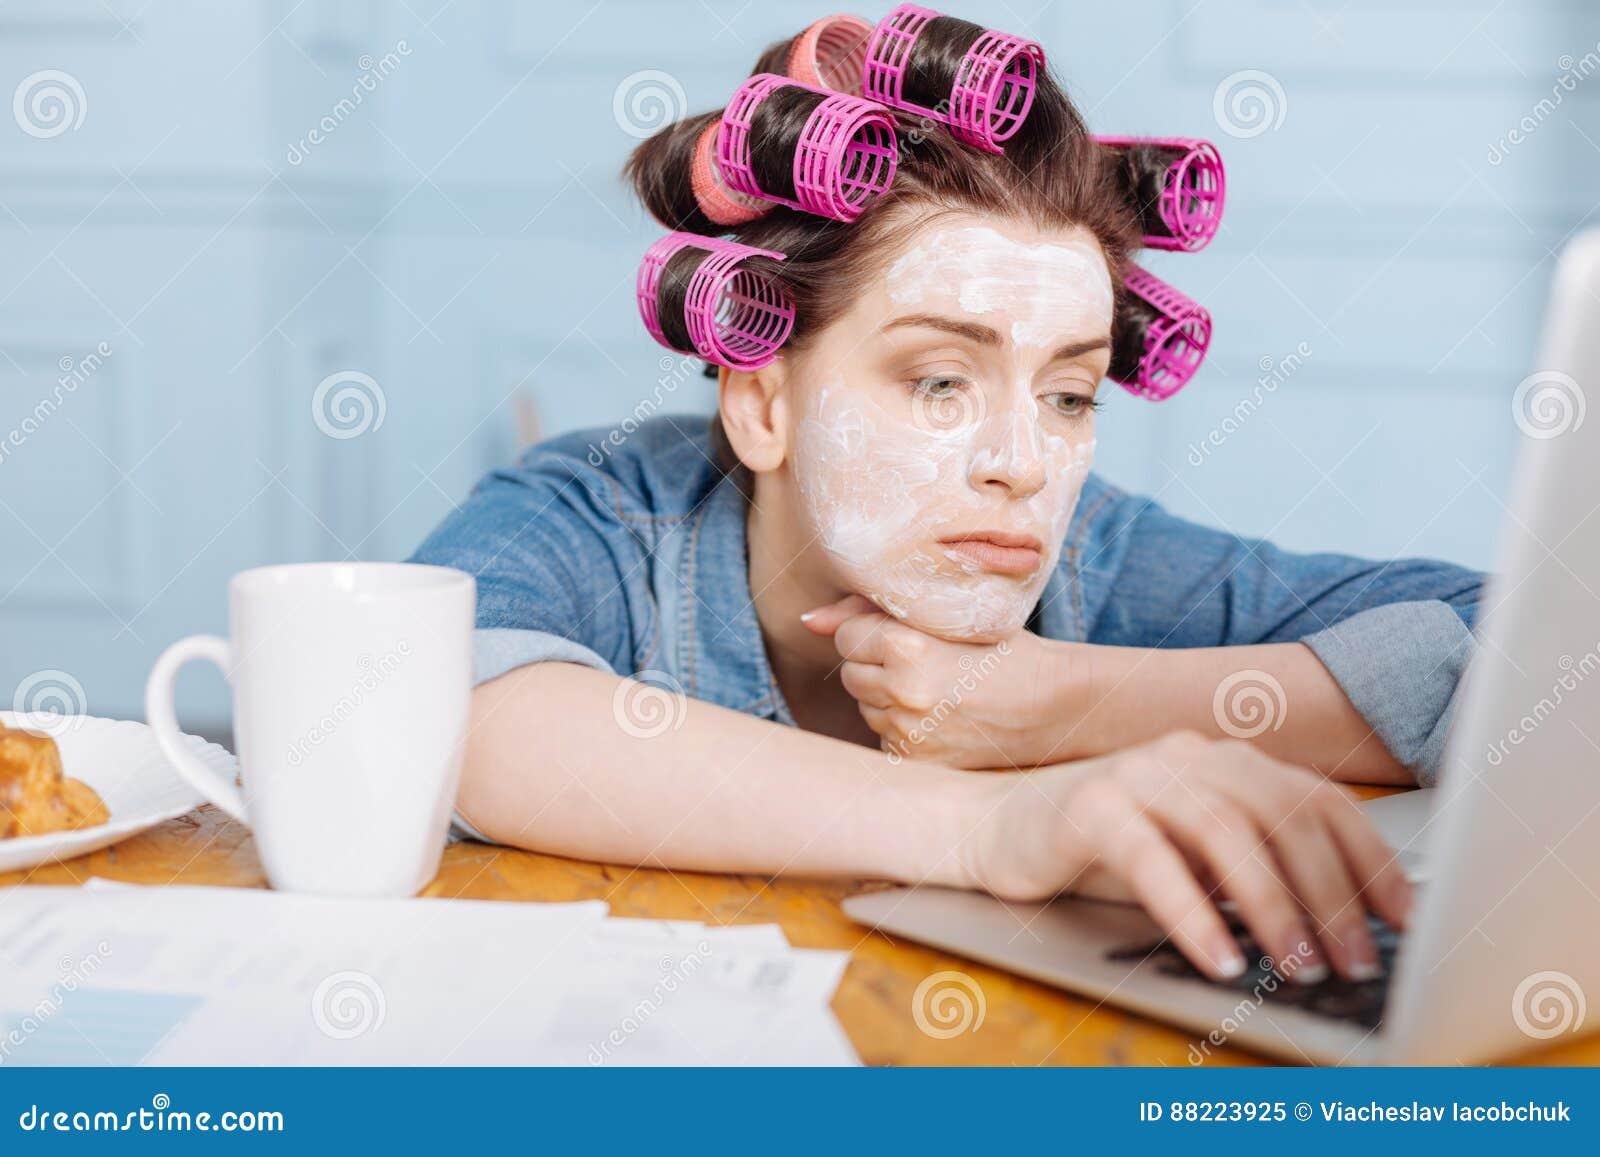 Фото чокнутых женщин фото 10-473